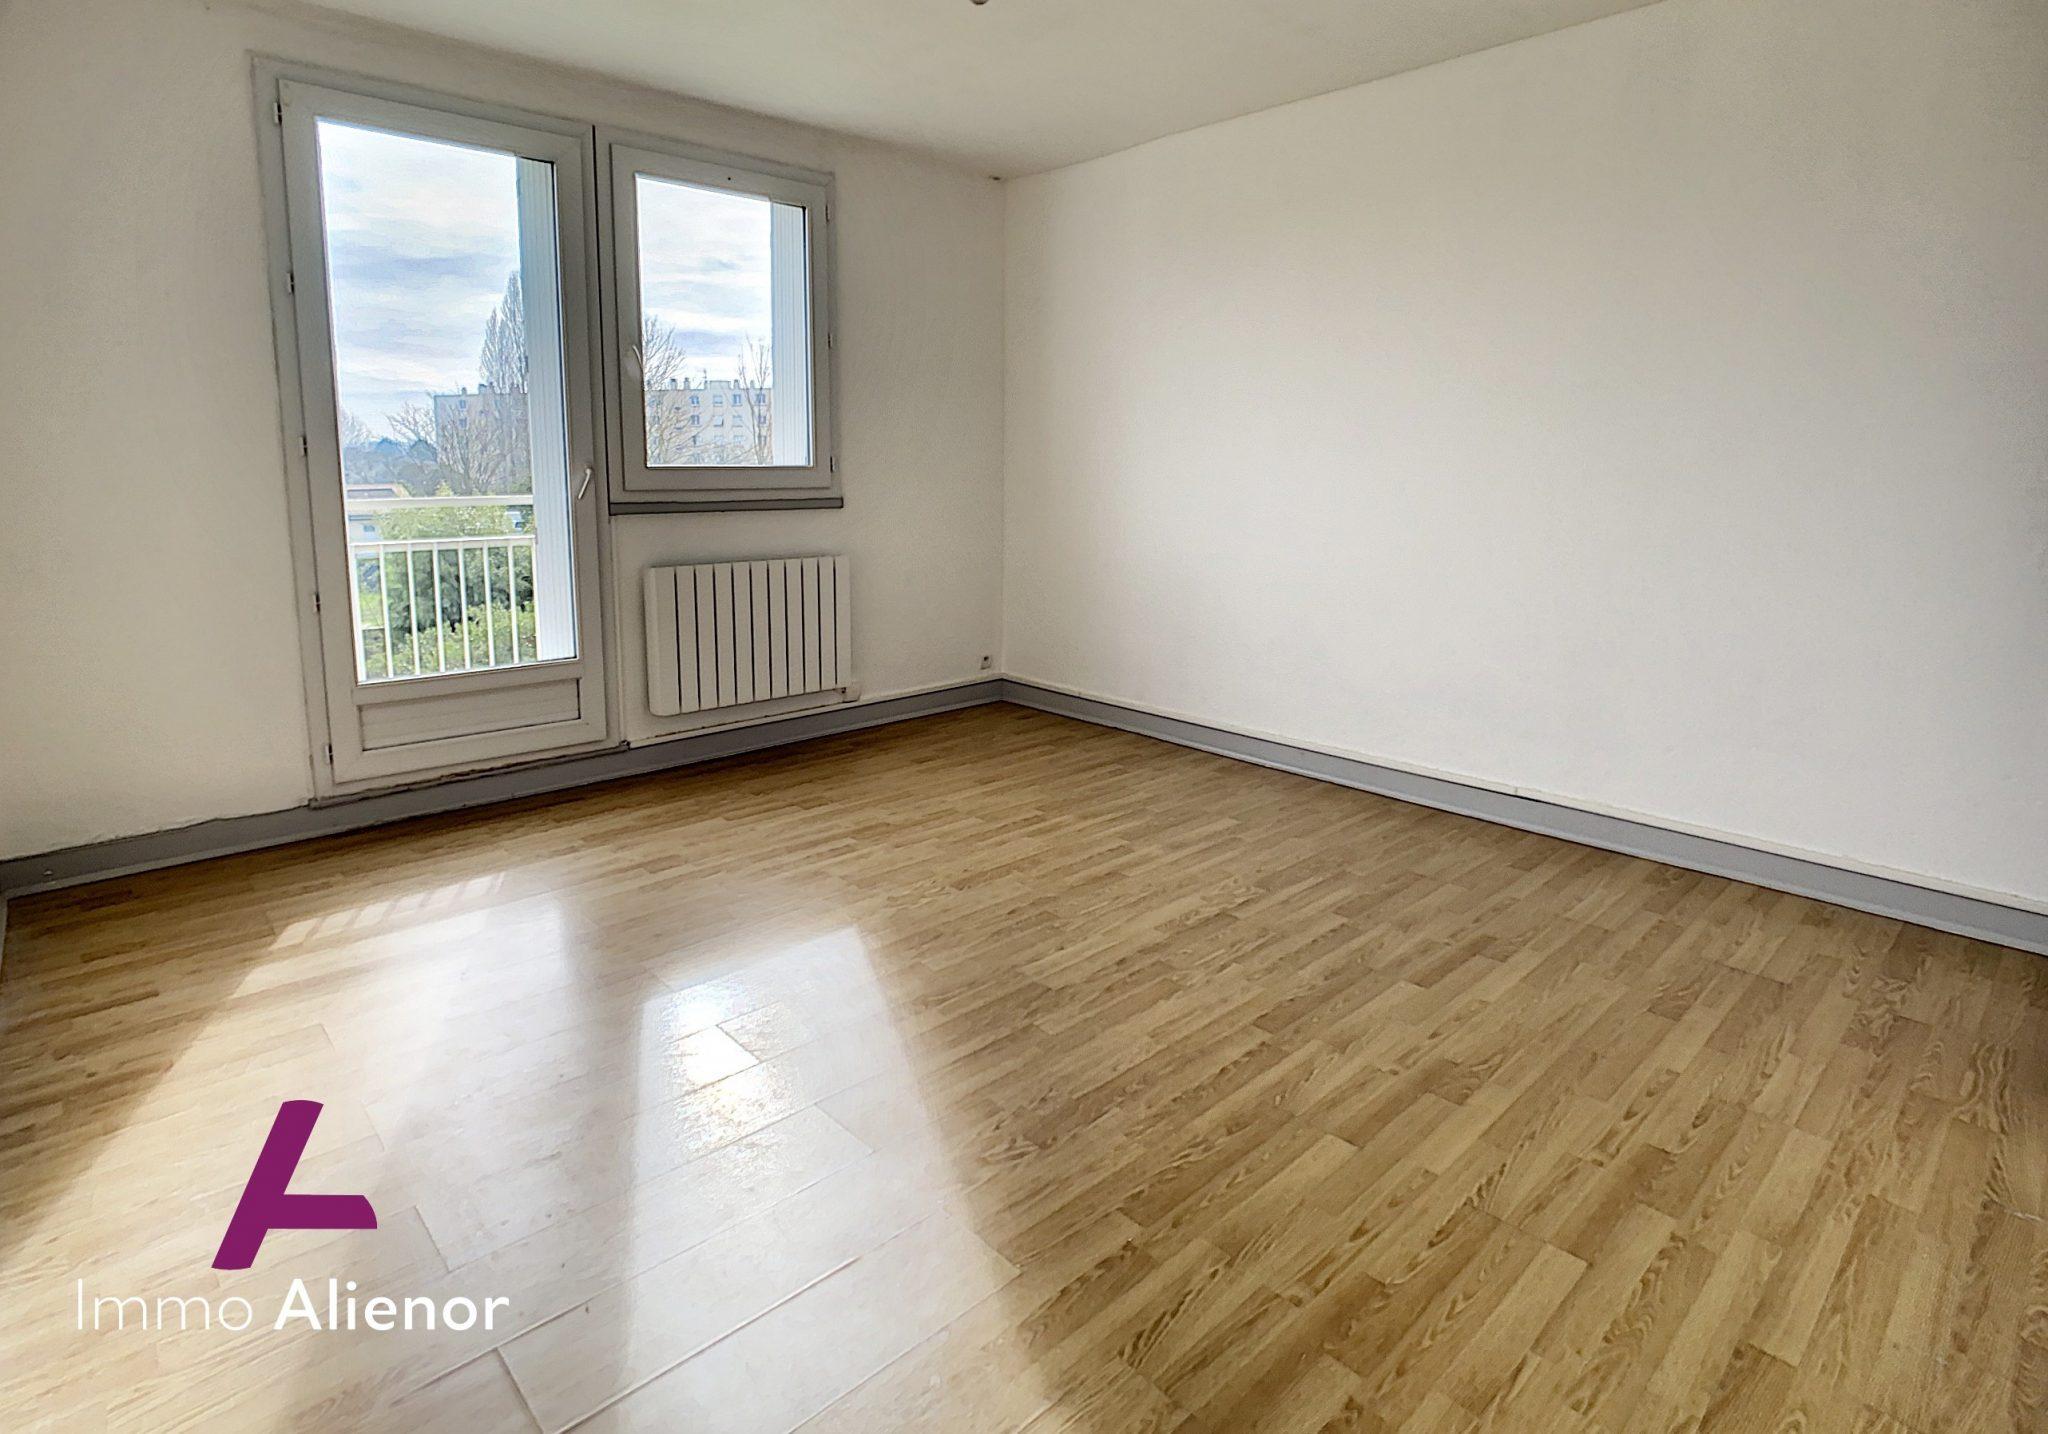 Appartement 3 pièces de 52 m² à Villenave d'Ornon